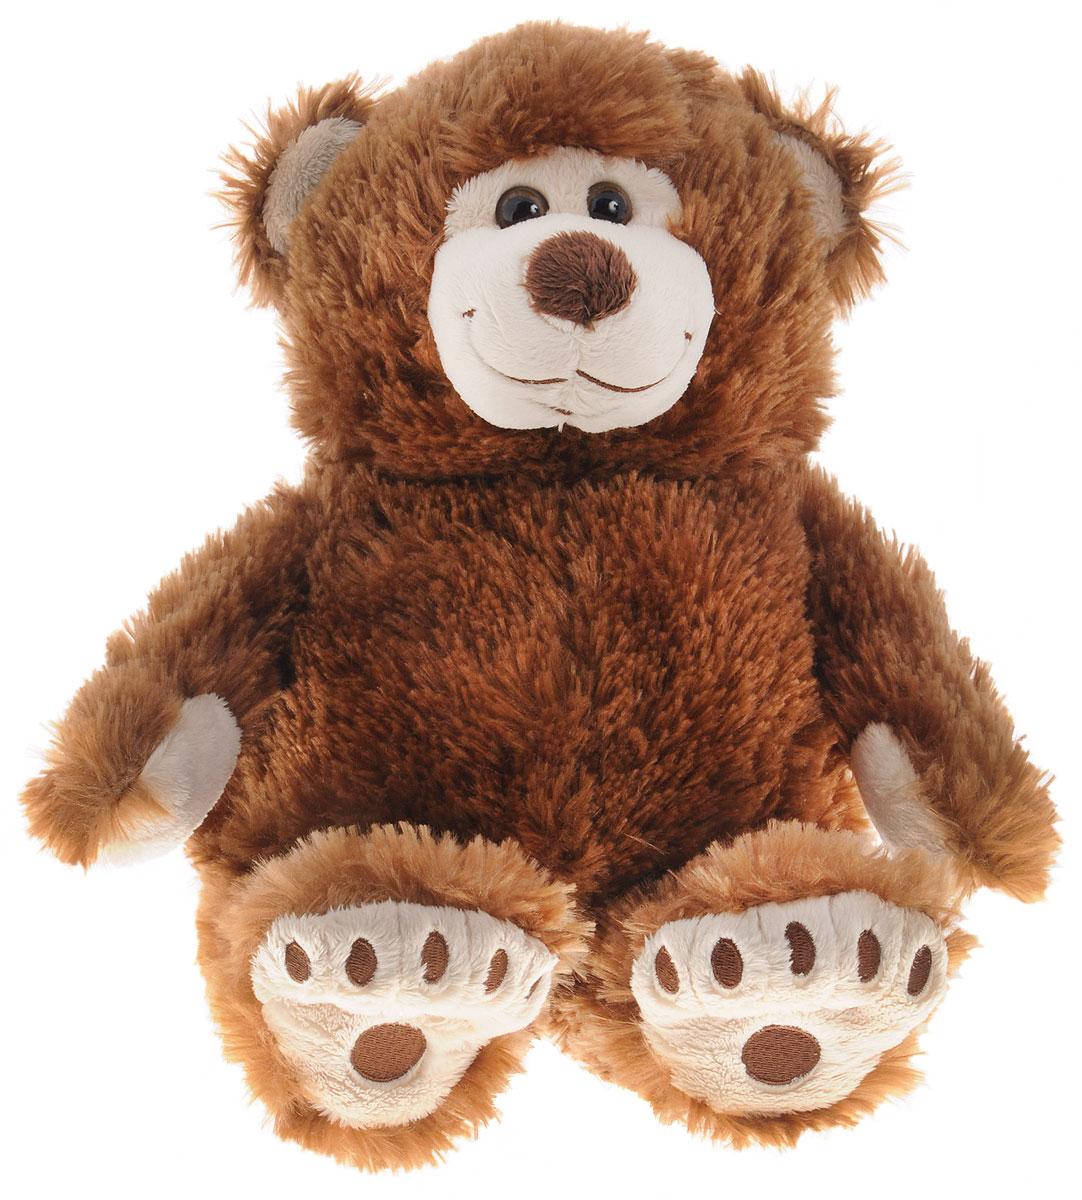 Plush Apple Мягкая игрушка Медведь Аркаша 38 см цвет коричневыйК95605B6,B9_коричневыйОчаровательная мягкая игрушка Plush Apple Медведь Аркаша выполнена в виде трогательного медвежонка с карими глазками. Игрушка изготовлена из высококачественного нежного текстильного материала. На лапках медвежонка вышиты следы, глазки выполнены из безопасного пластика. Удивительно мягкая игрушка принесет радость и подарит своему обладателю мгновения нежных объятий и приятных воспоминаний. Великолепное качество исполнения делают эту игрушку чудесным подарком к любому празднику. Трогательная и симпатичная, она непременно вызовет улыбку у детей и взрослых.